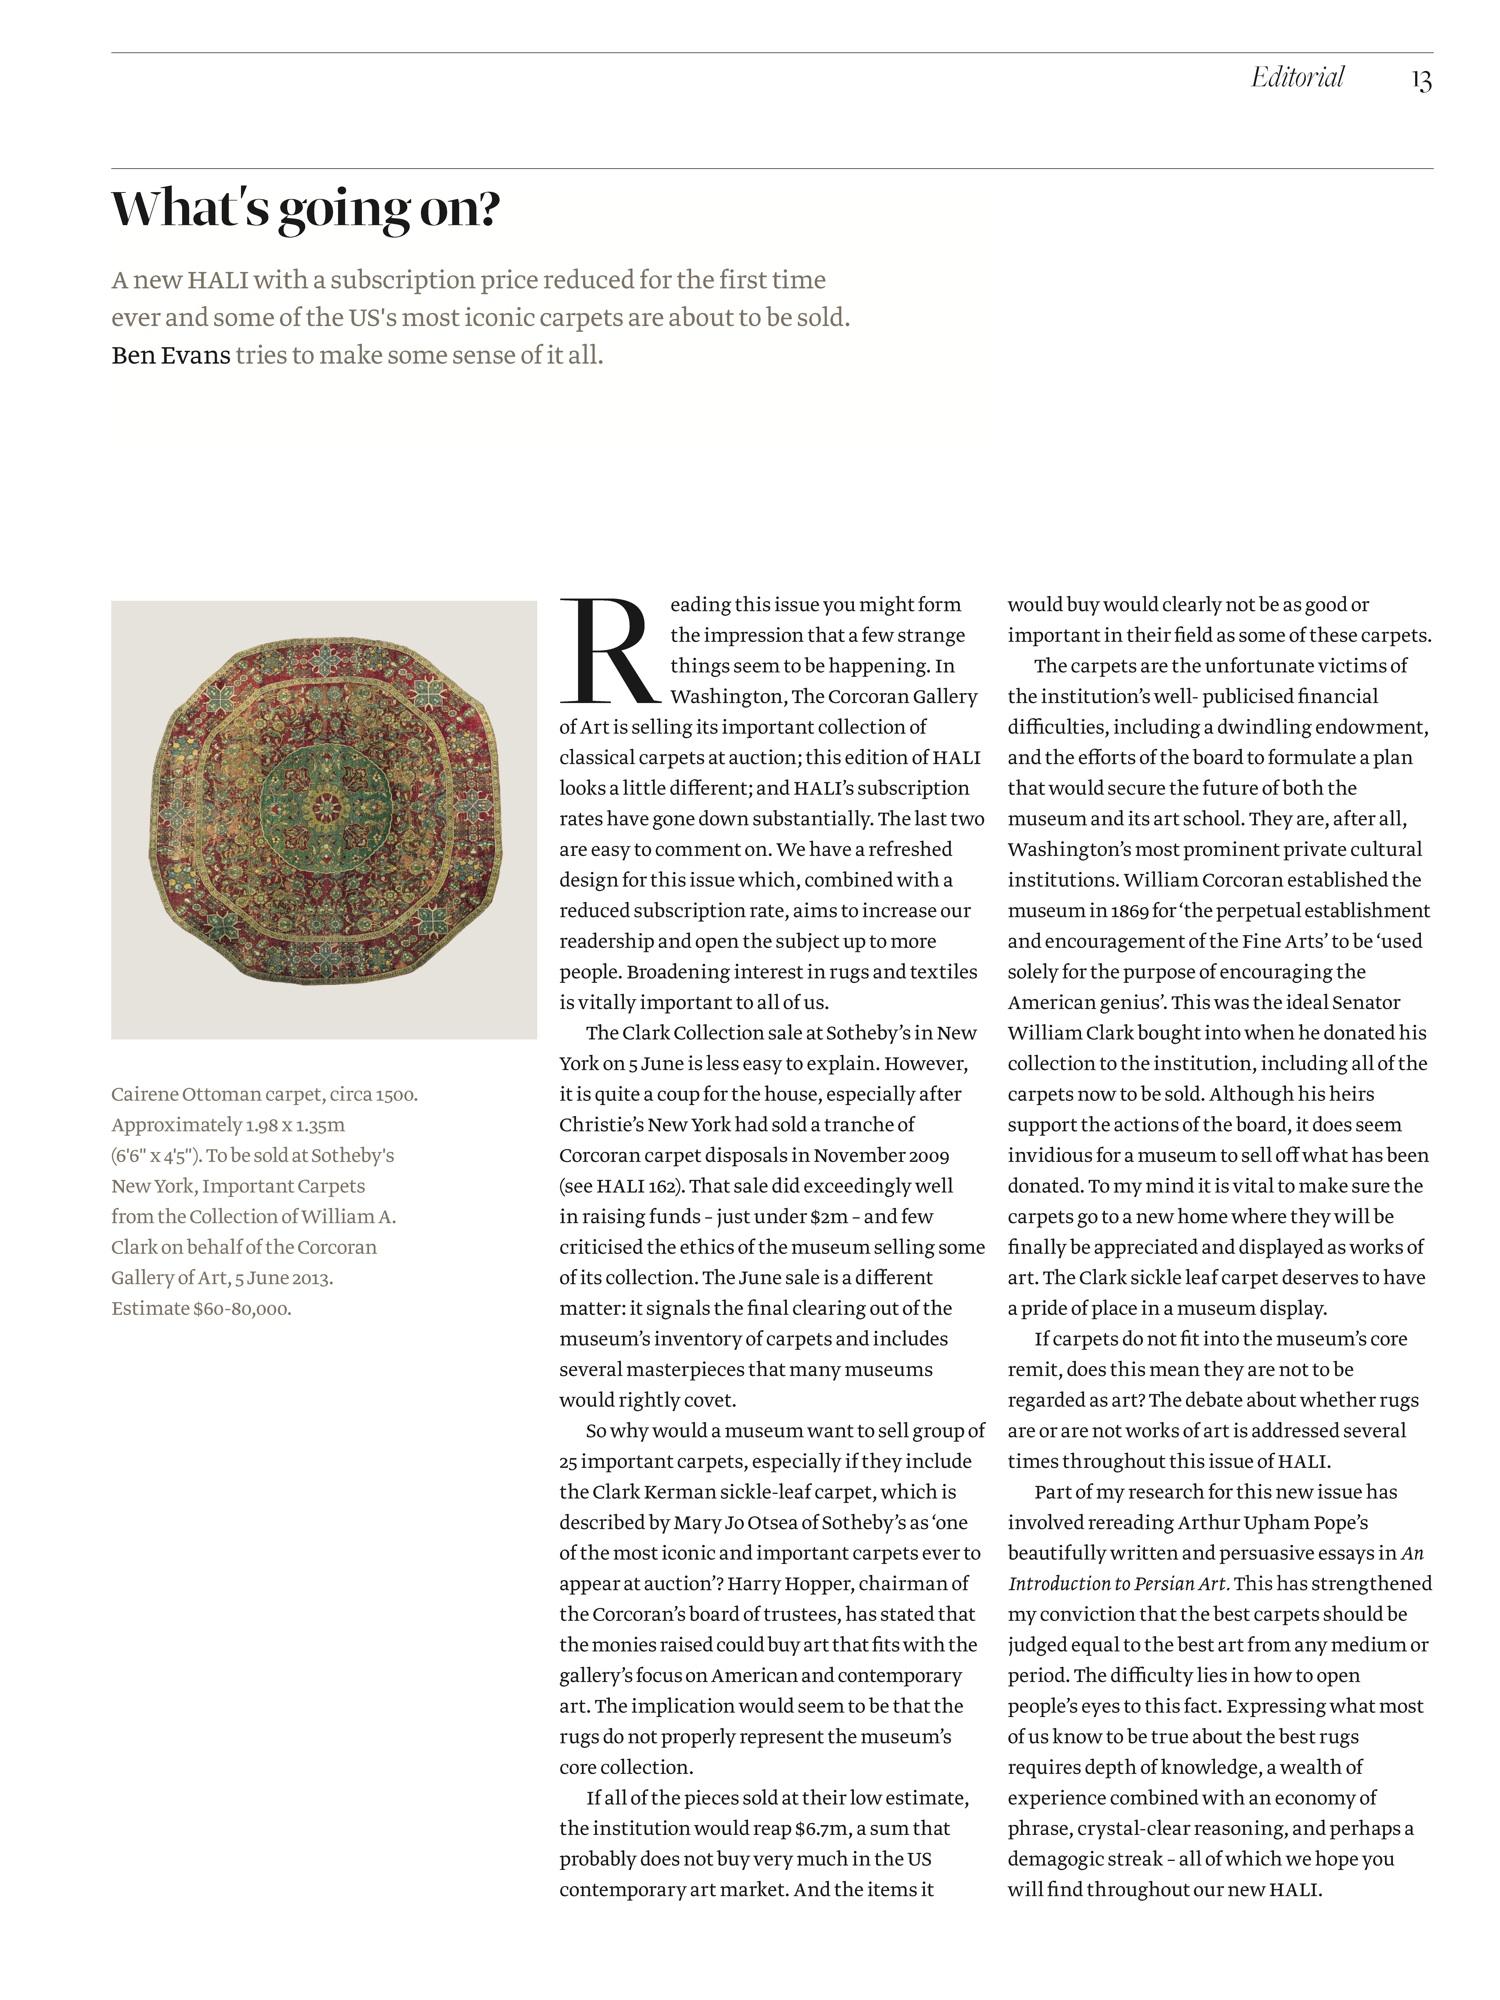 hali 175 editorial